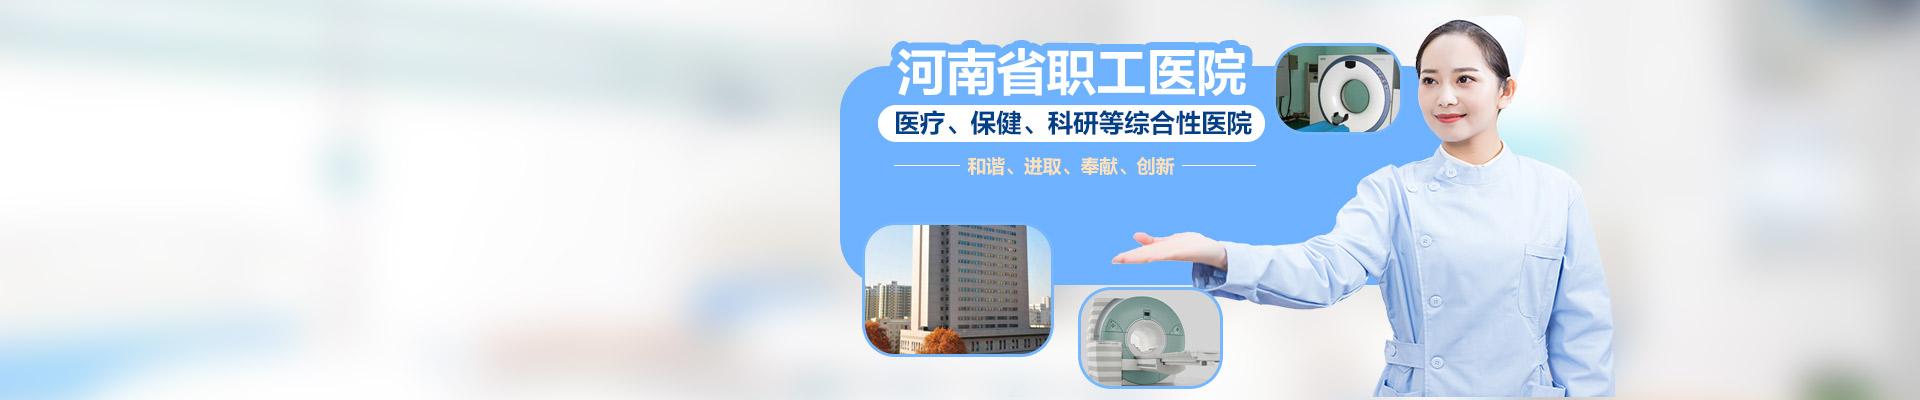 河南省职工医院PC